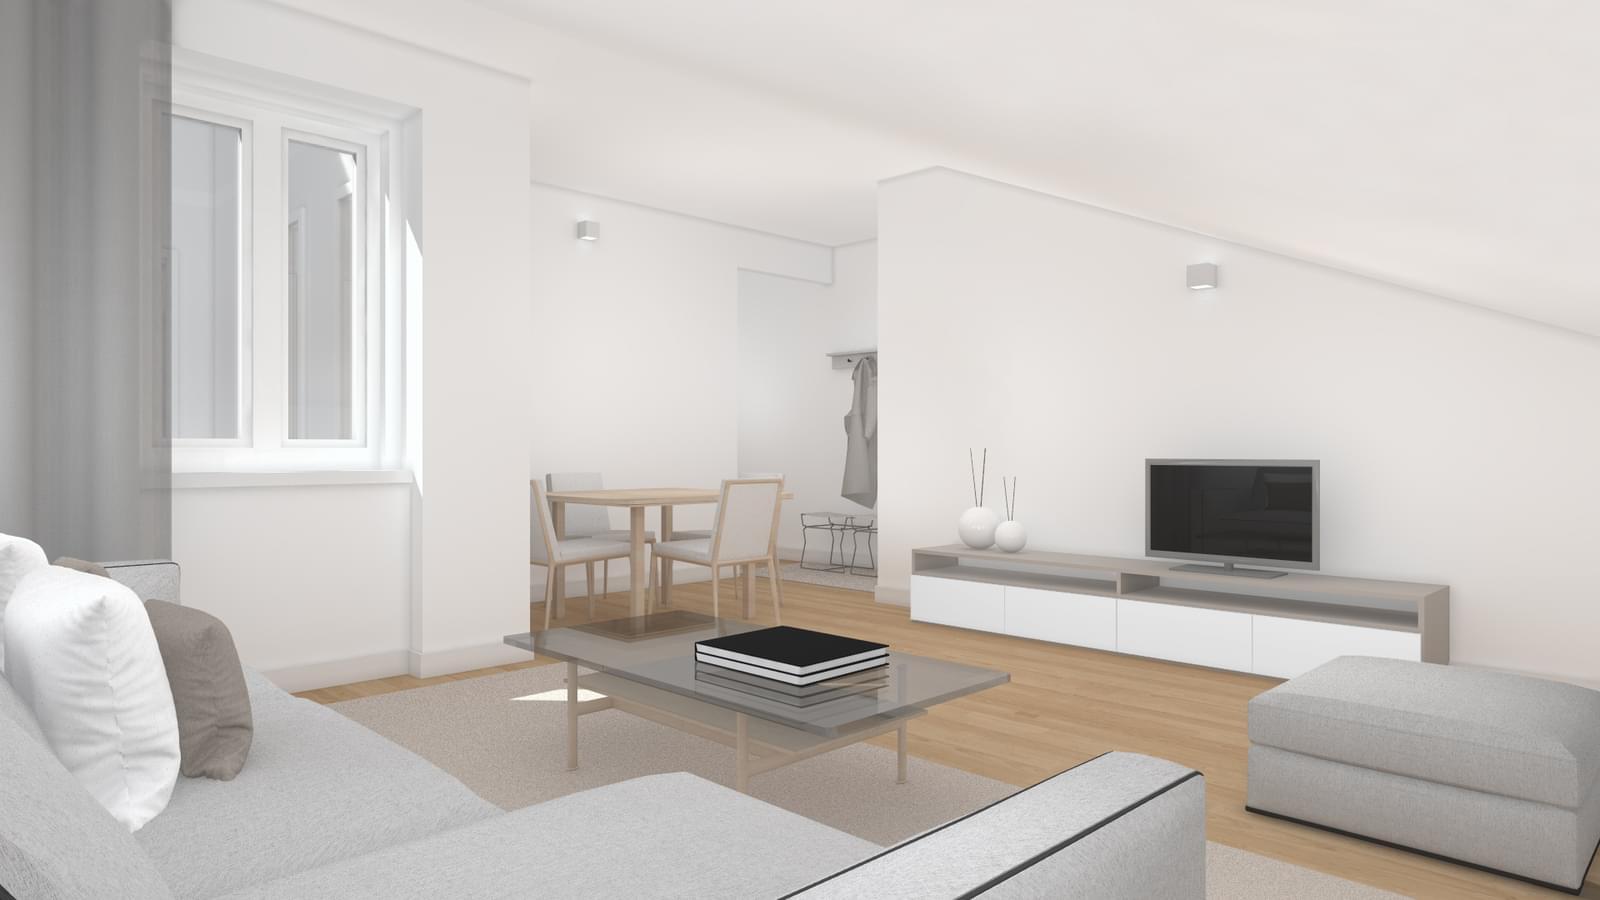 pf17054-apartamento-t2-lisboa-6c2db7c9-8ca9-4d6f-9d28-945137c5463c